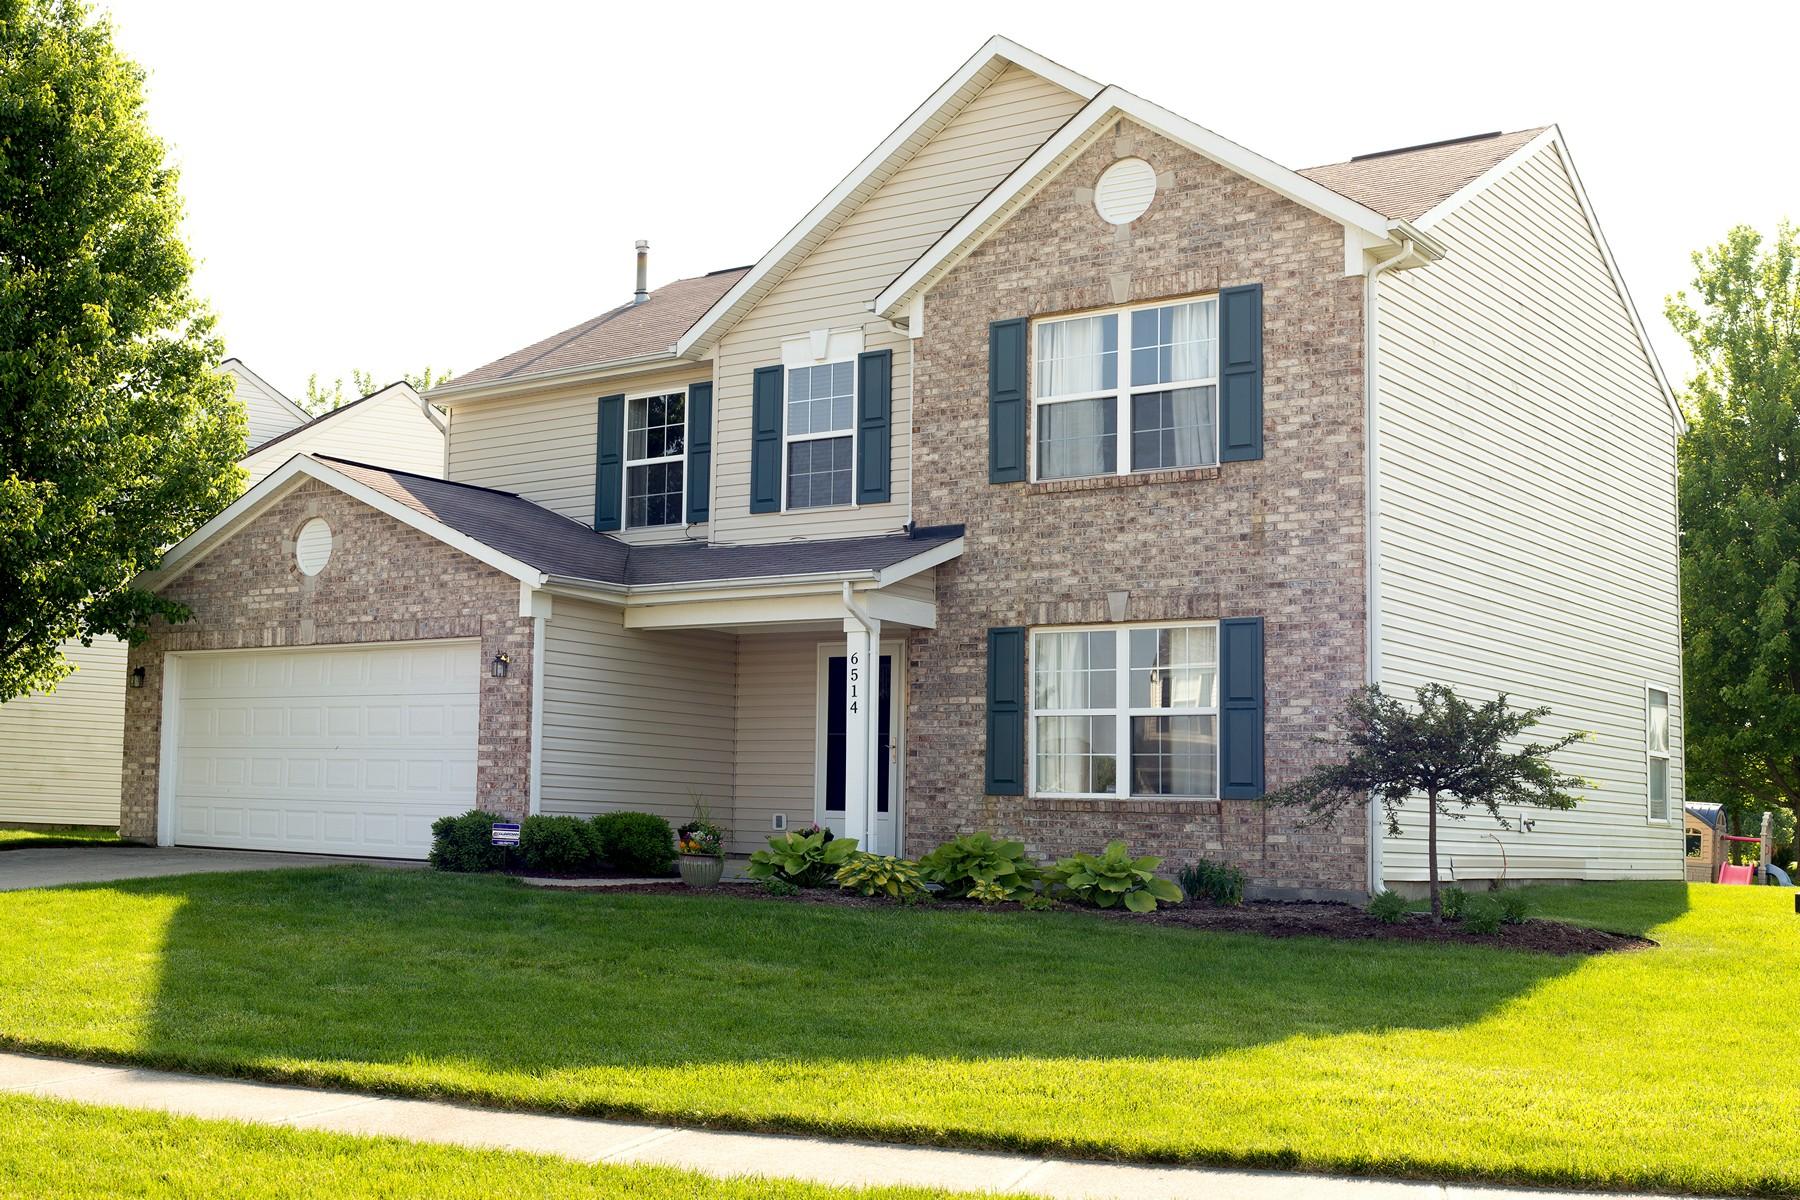 Casa para uma família para Venda às Exquisite Four Bedroom Home 6514 Oxford Zionsville, Indiana, 46077 Estados Unidos